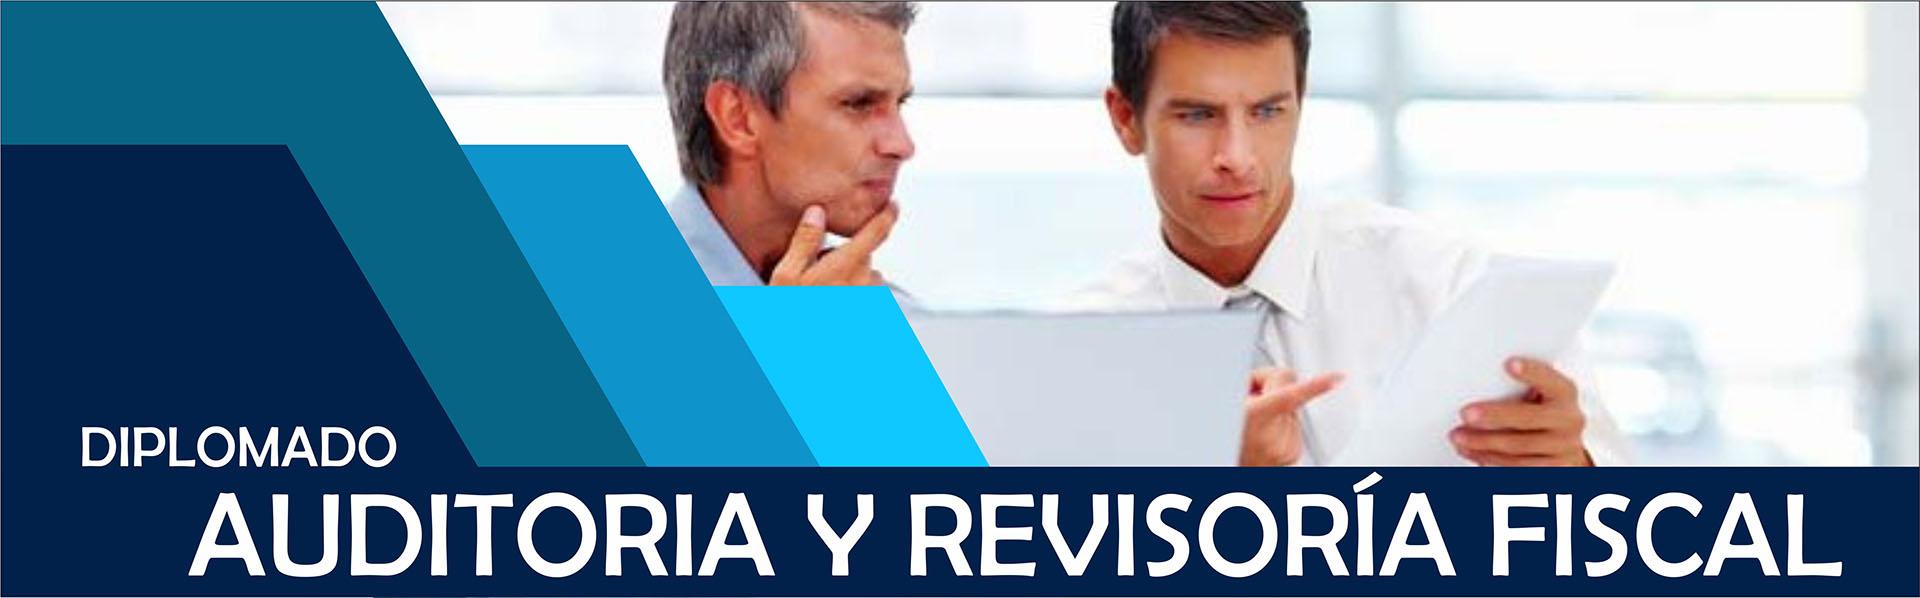 AUDITORIA Y REVISORIA FISCAL